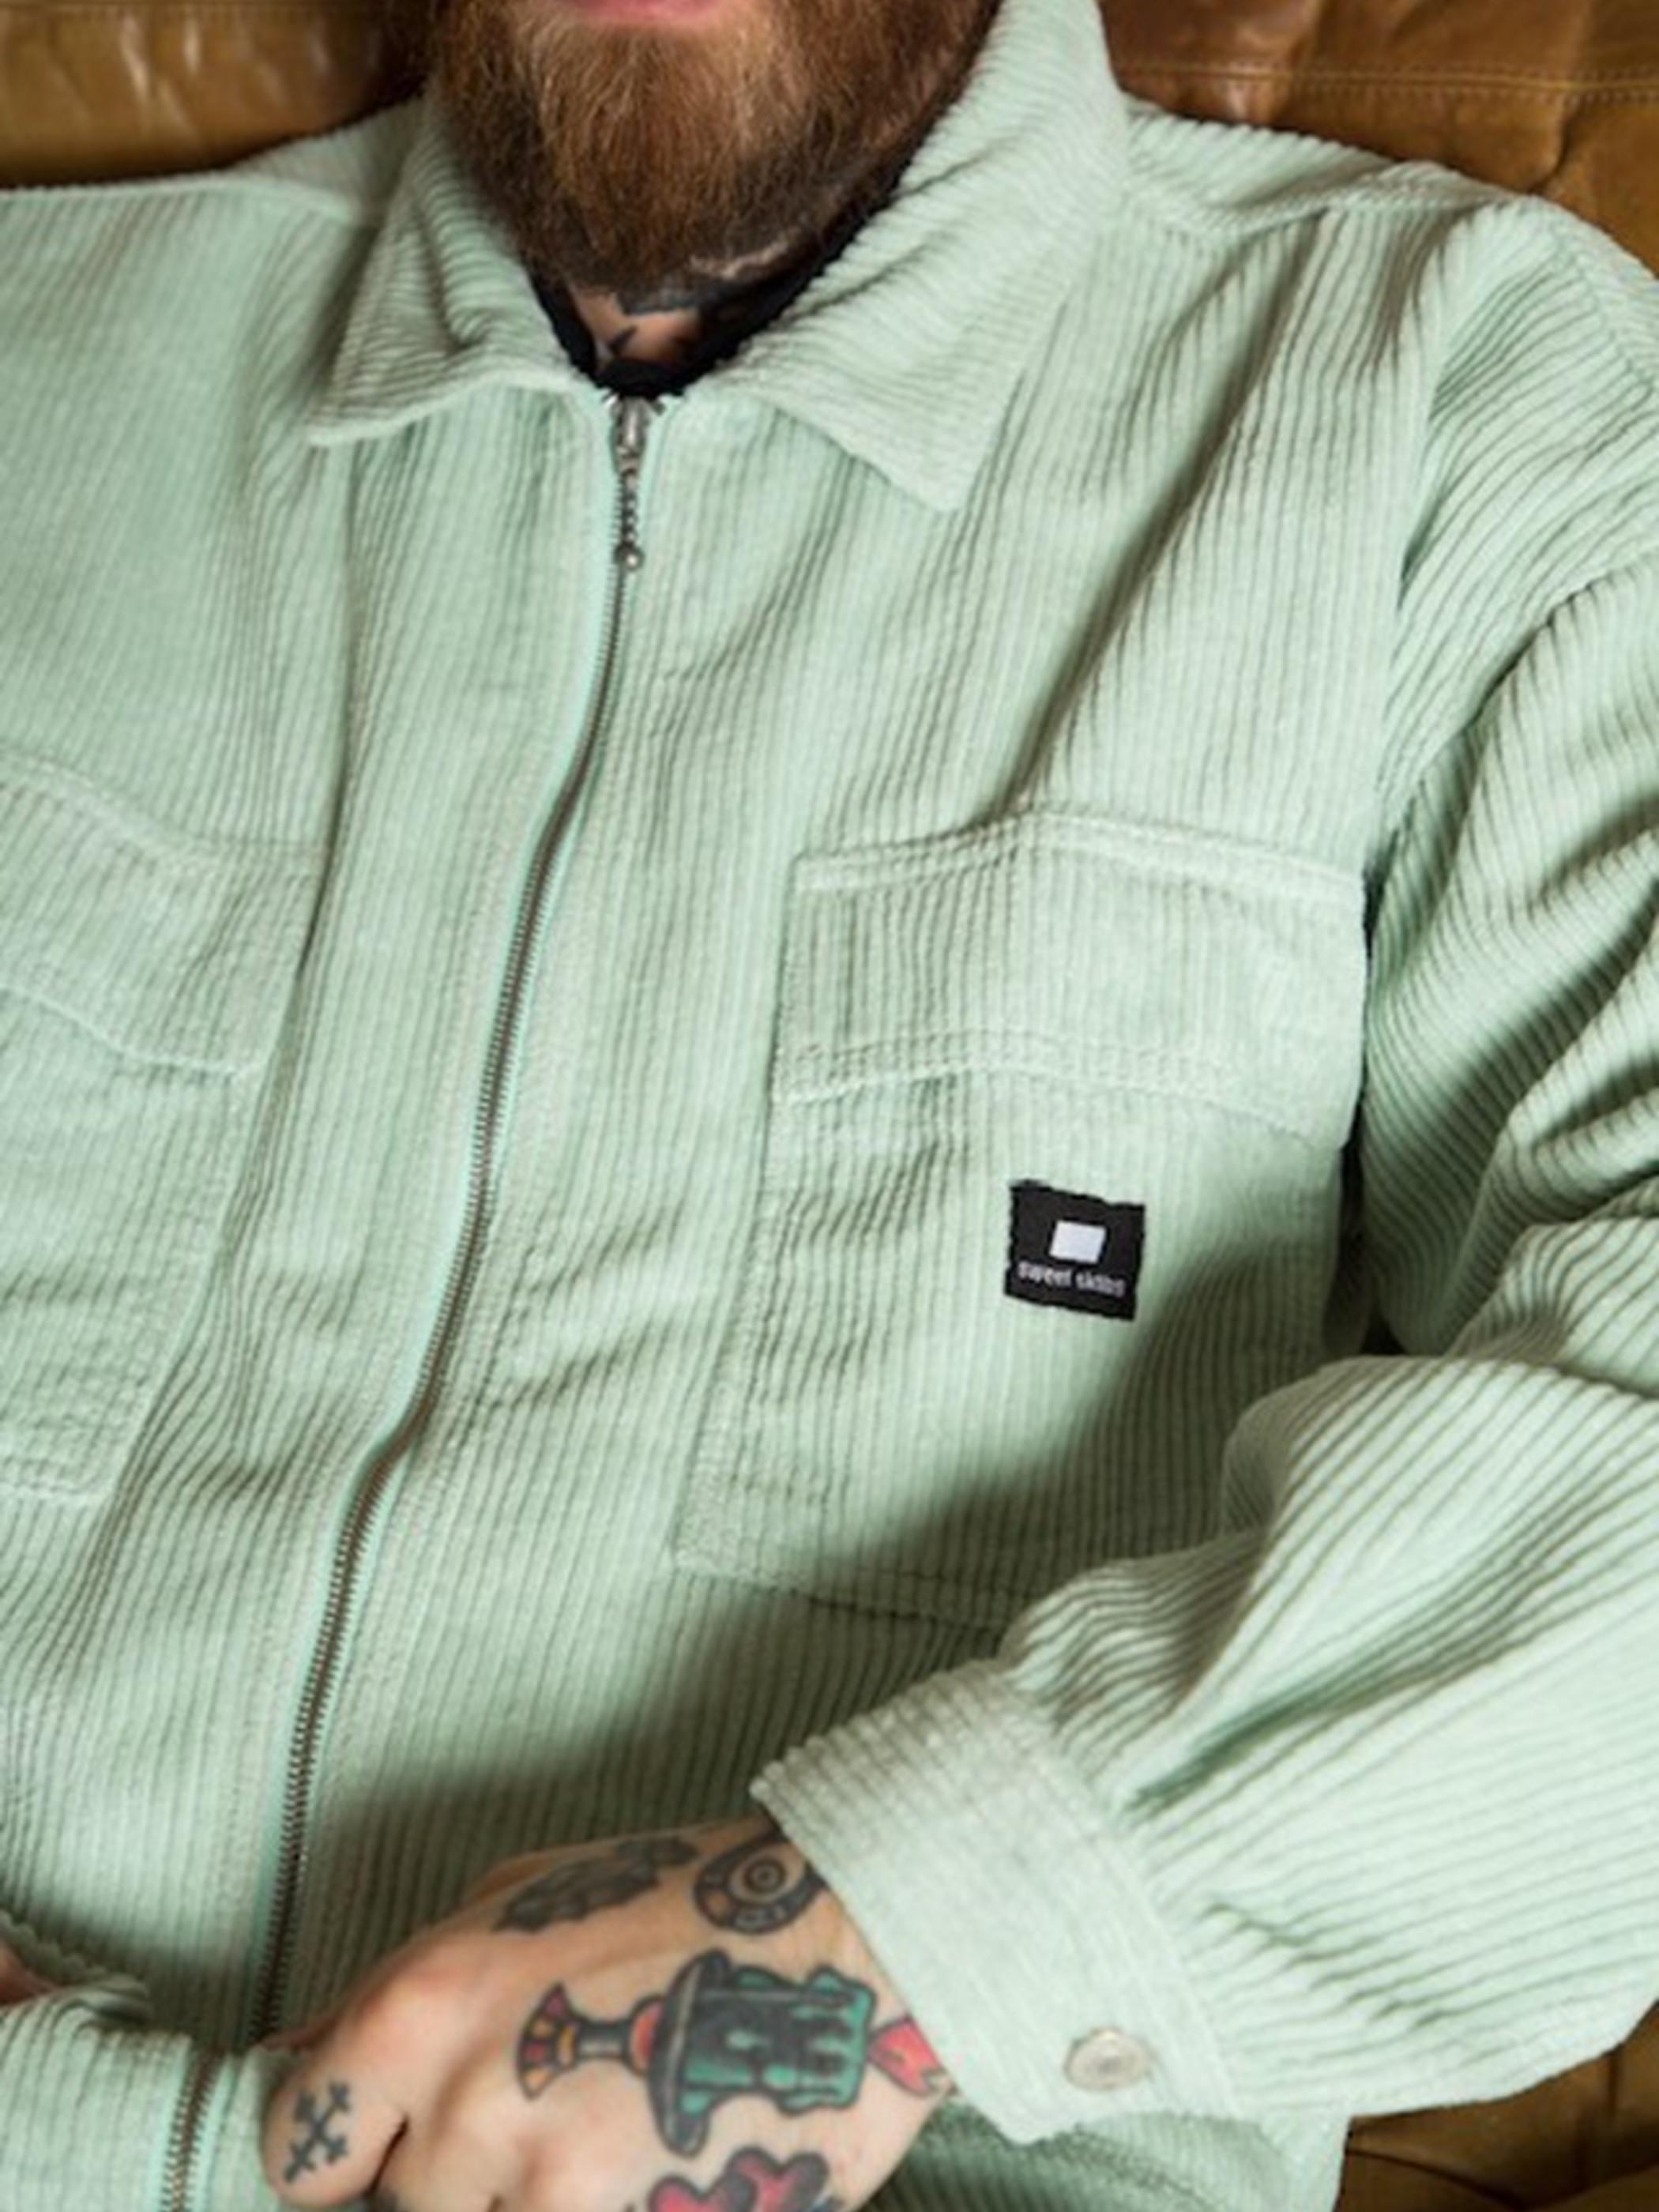 【NEW】SWEET SKTBS Zipped cord shirt